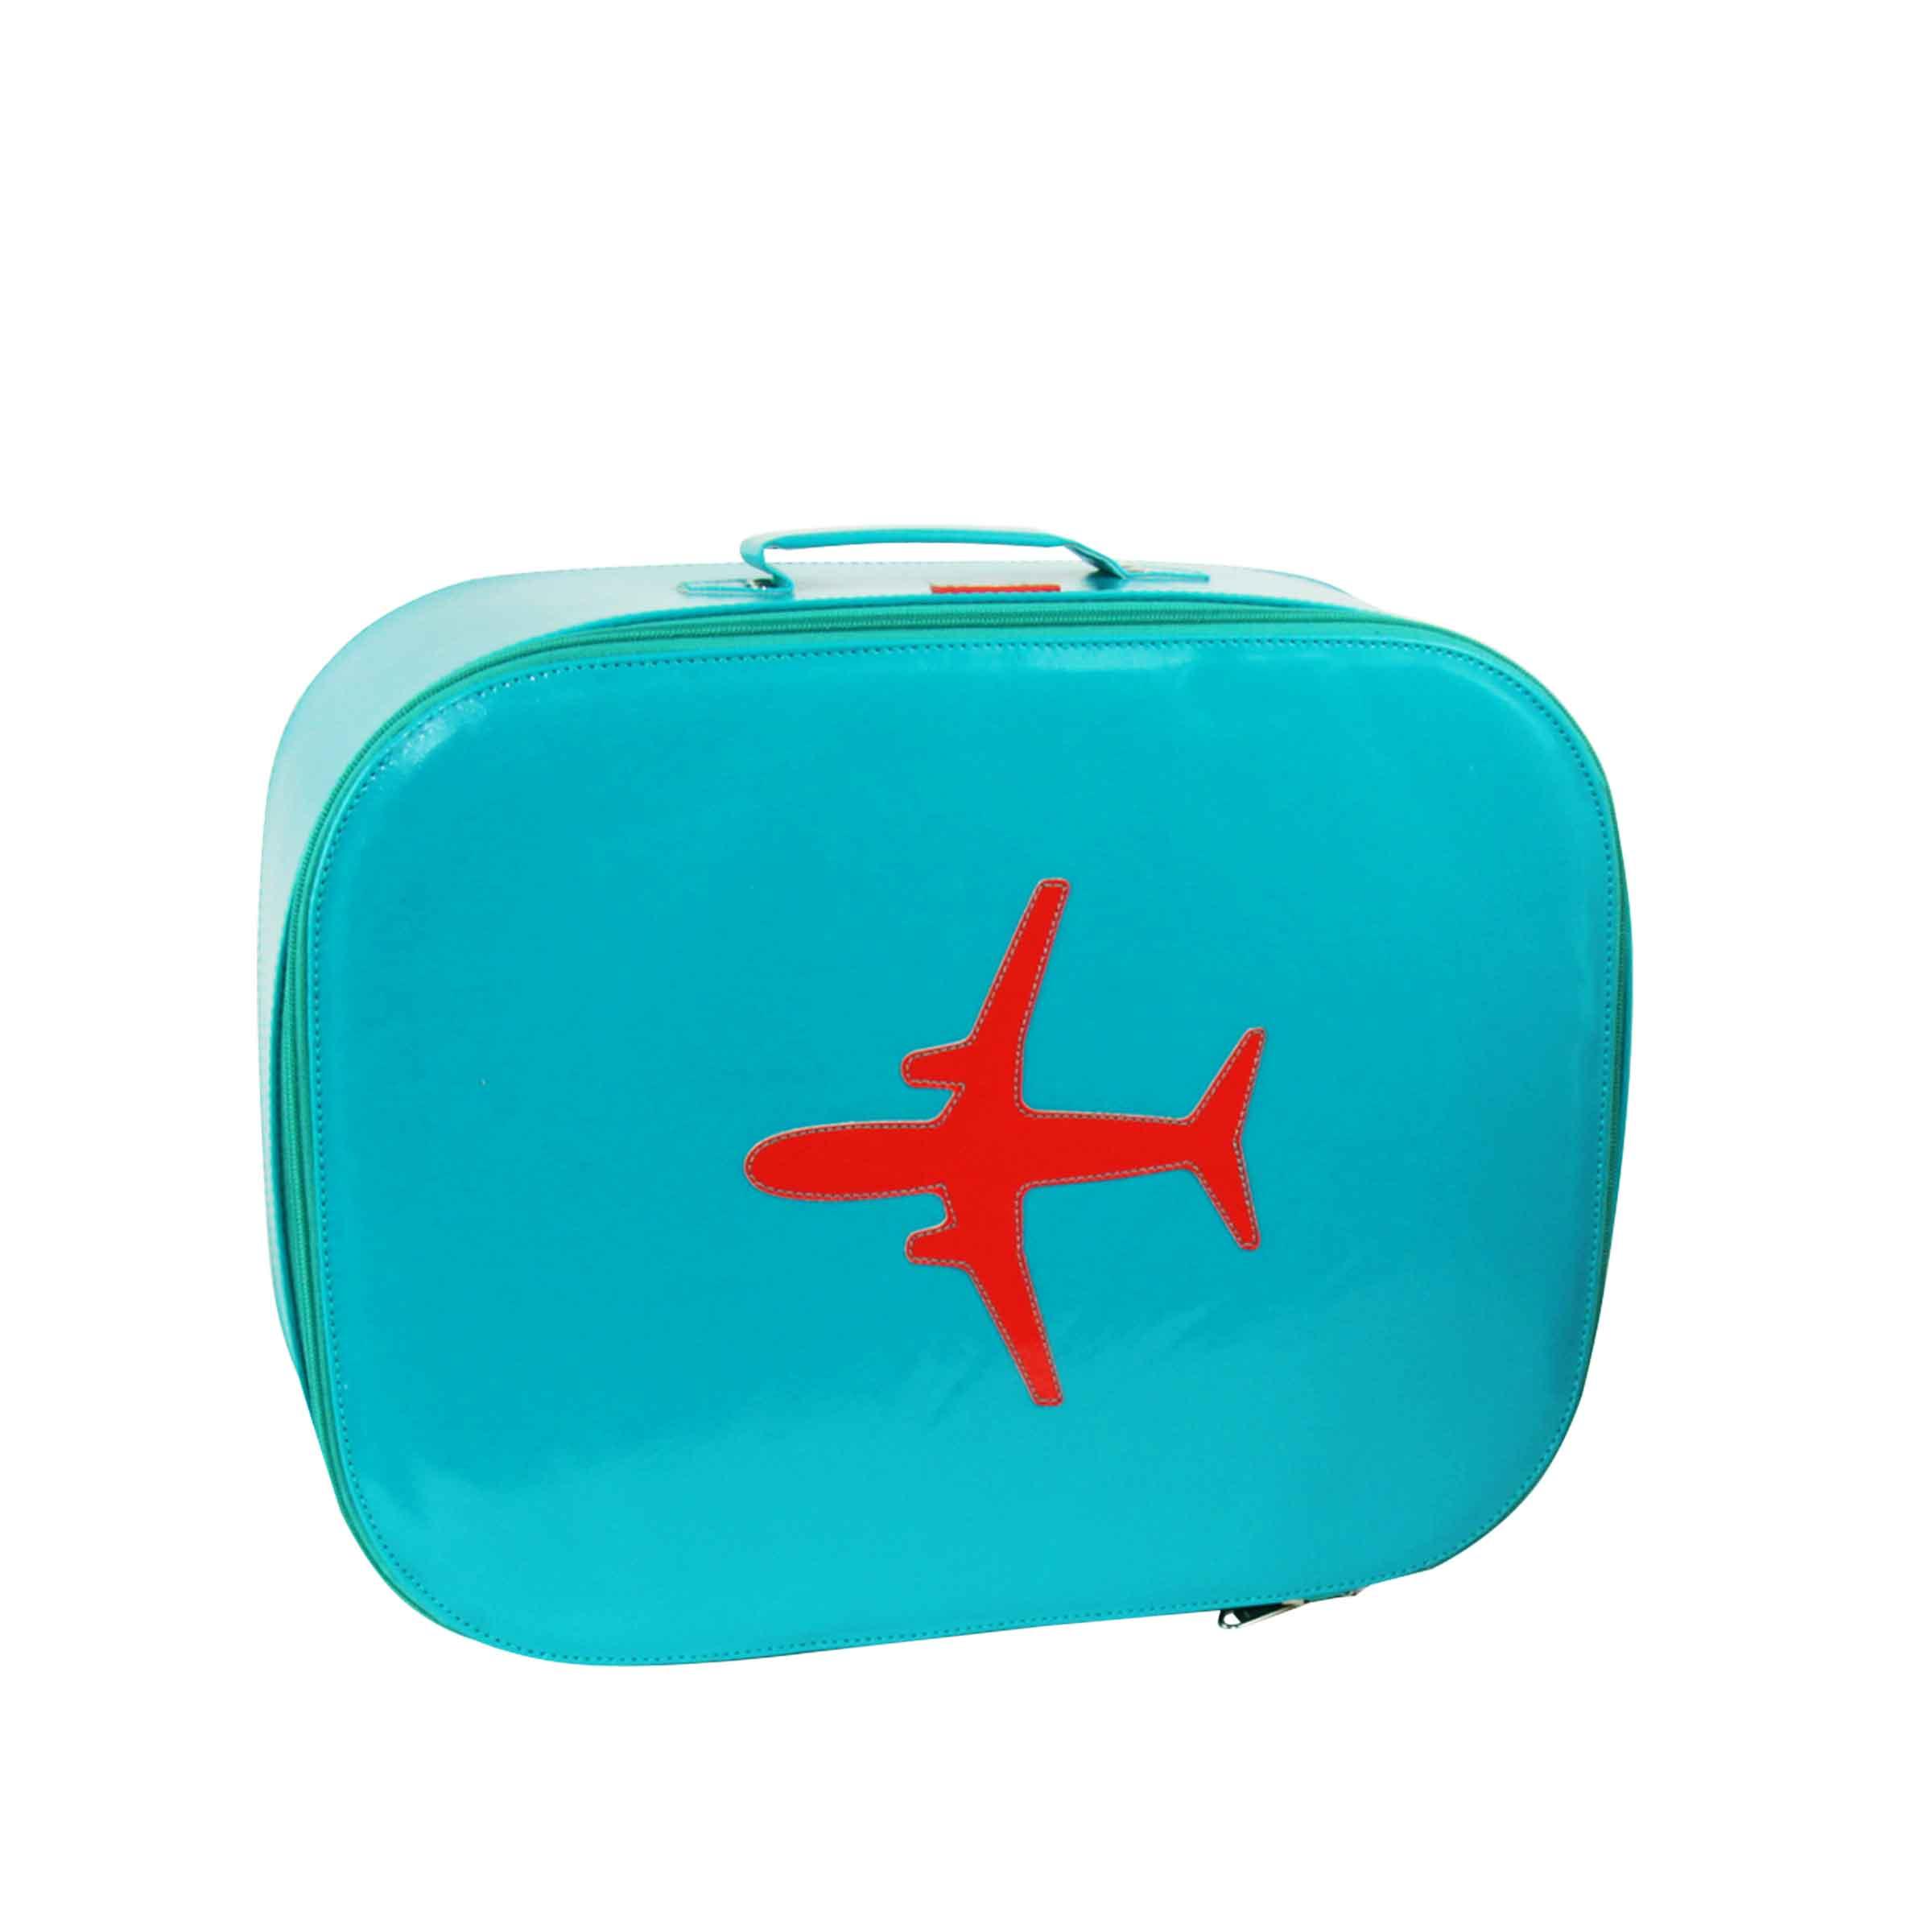 Valise bleue turquoise avec motif placé avion rouge orangé taille xs